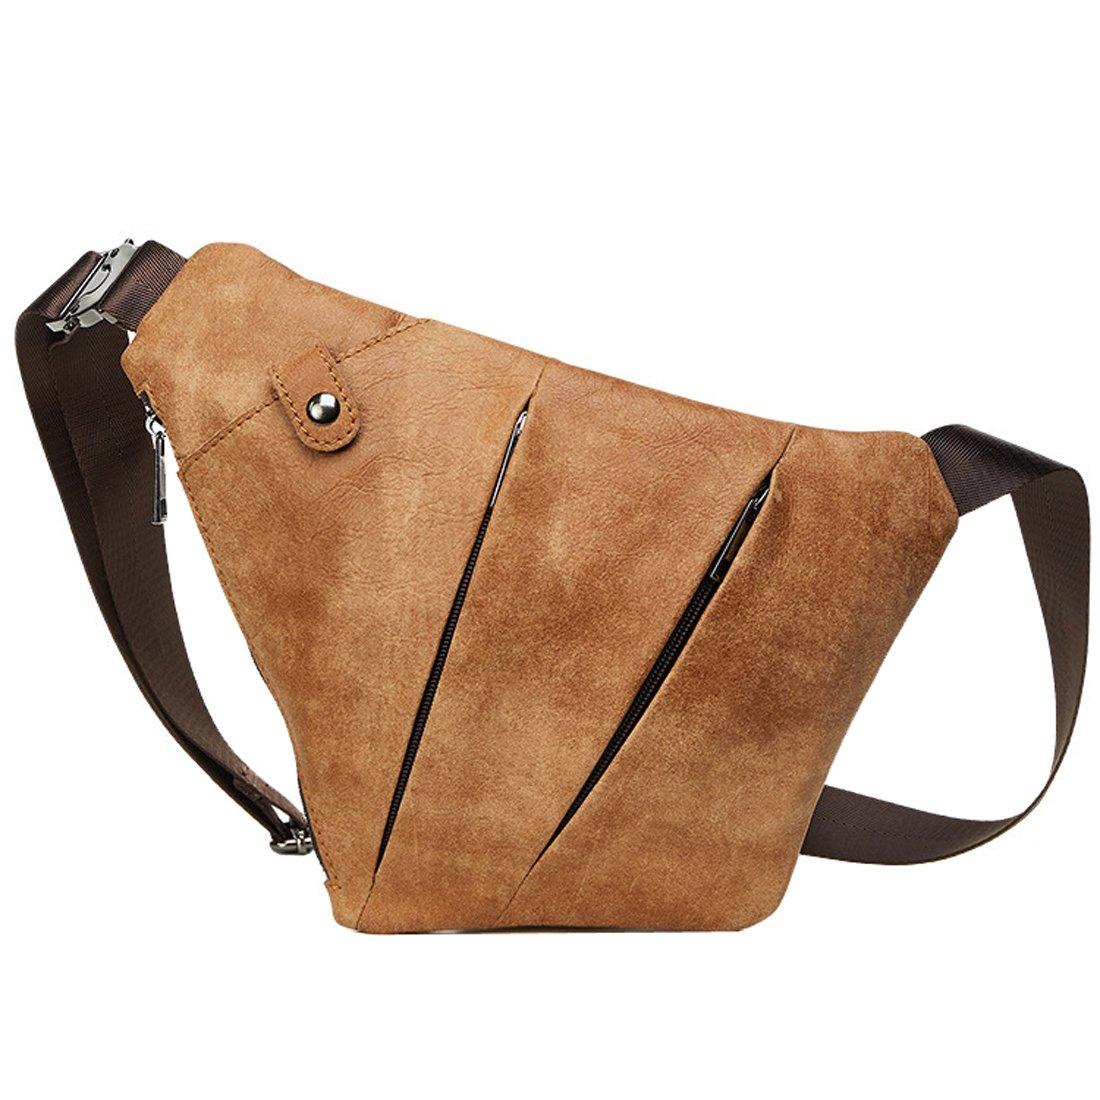 Mayshe Mens Leather Crossbody Chest Shoulder Bag Sling Backpack Messenger Daypack for Outdoor Sport Travel Hiking